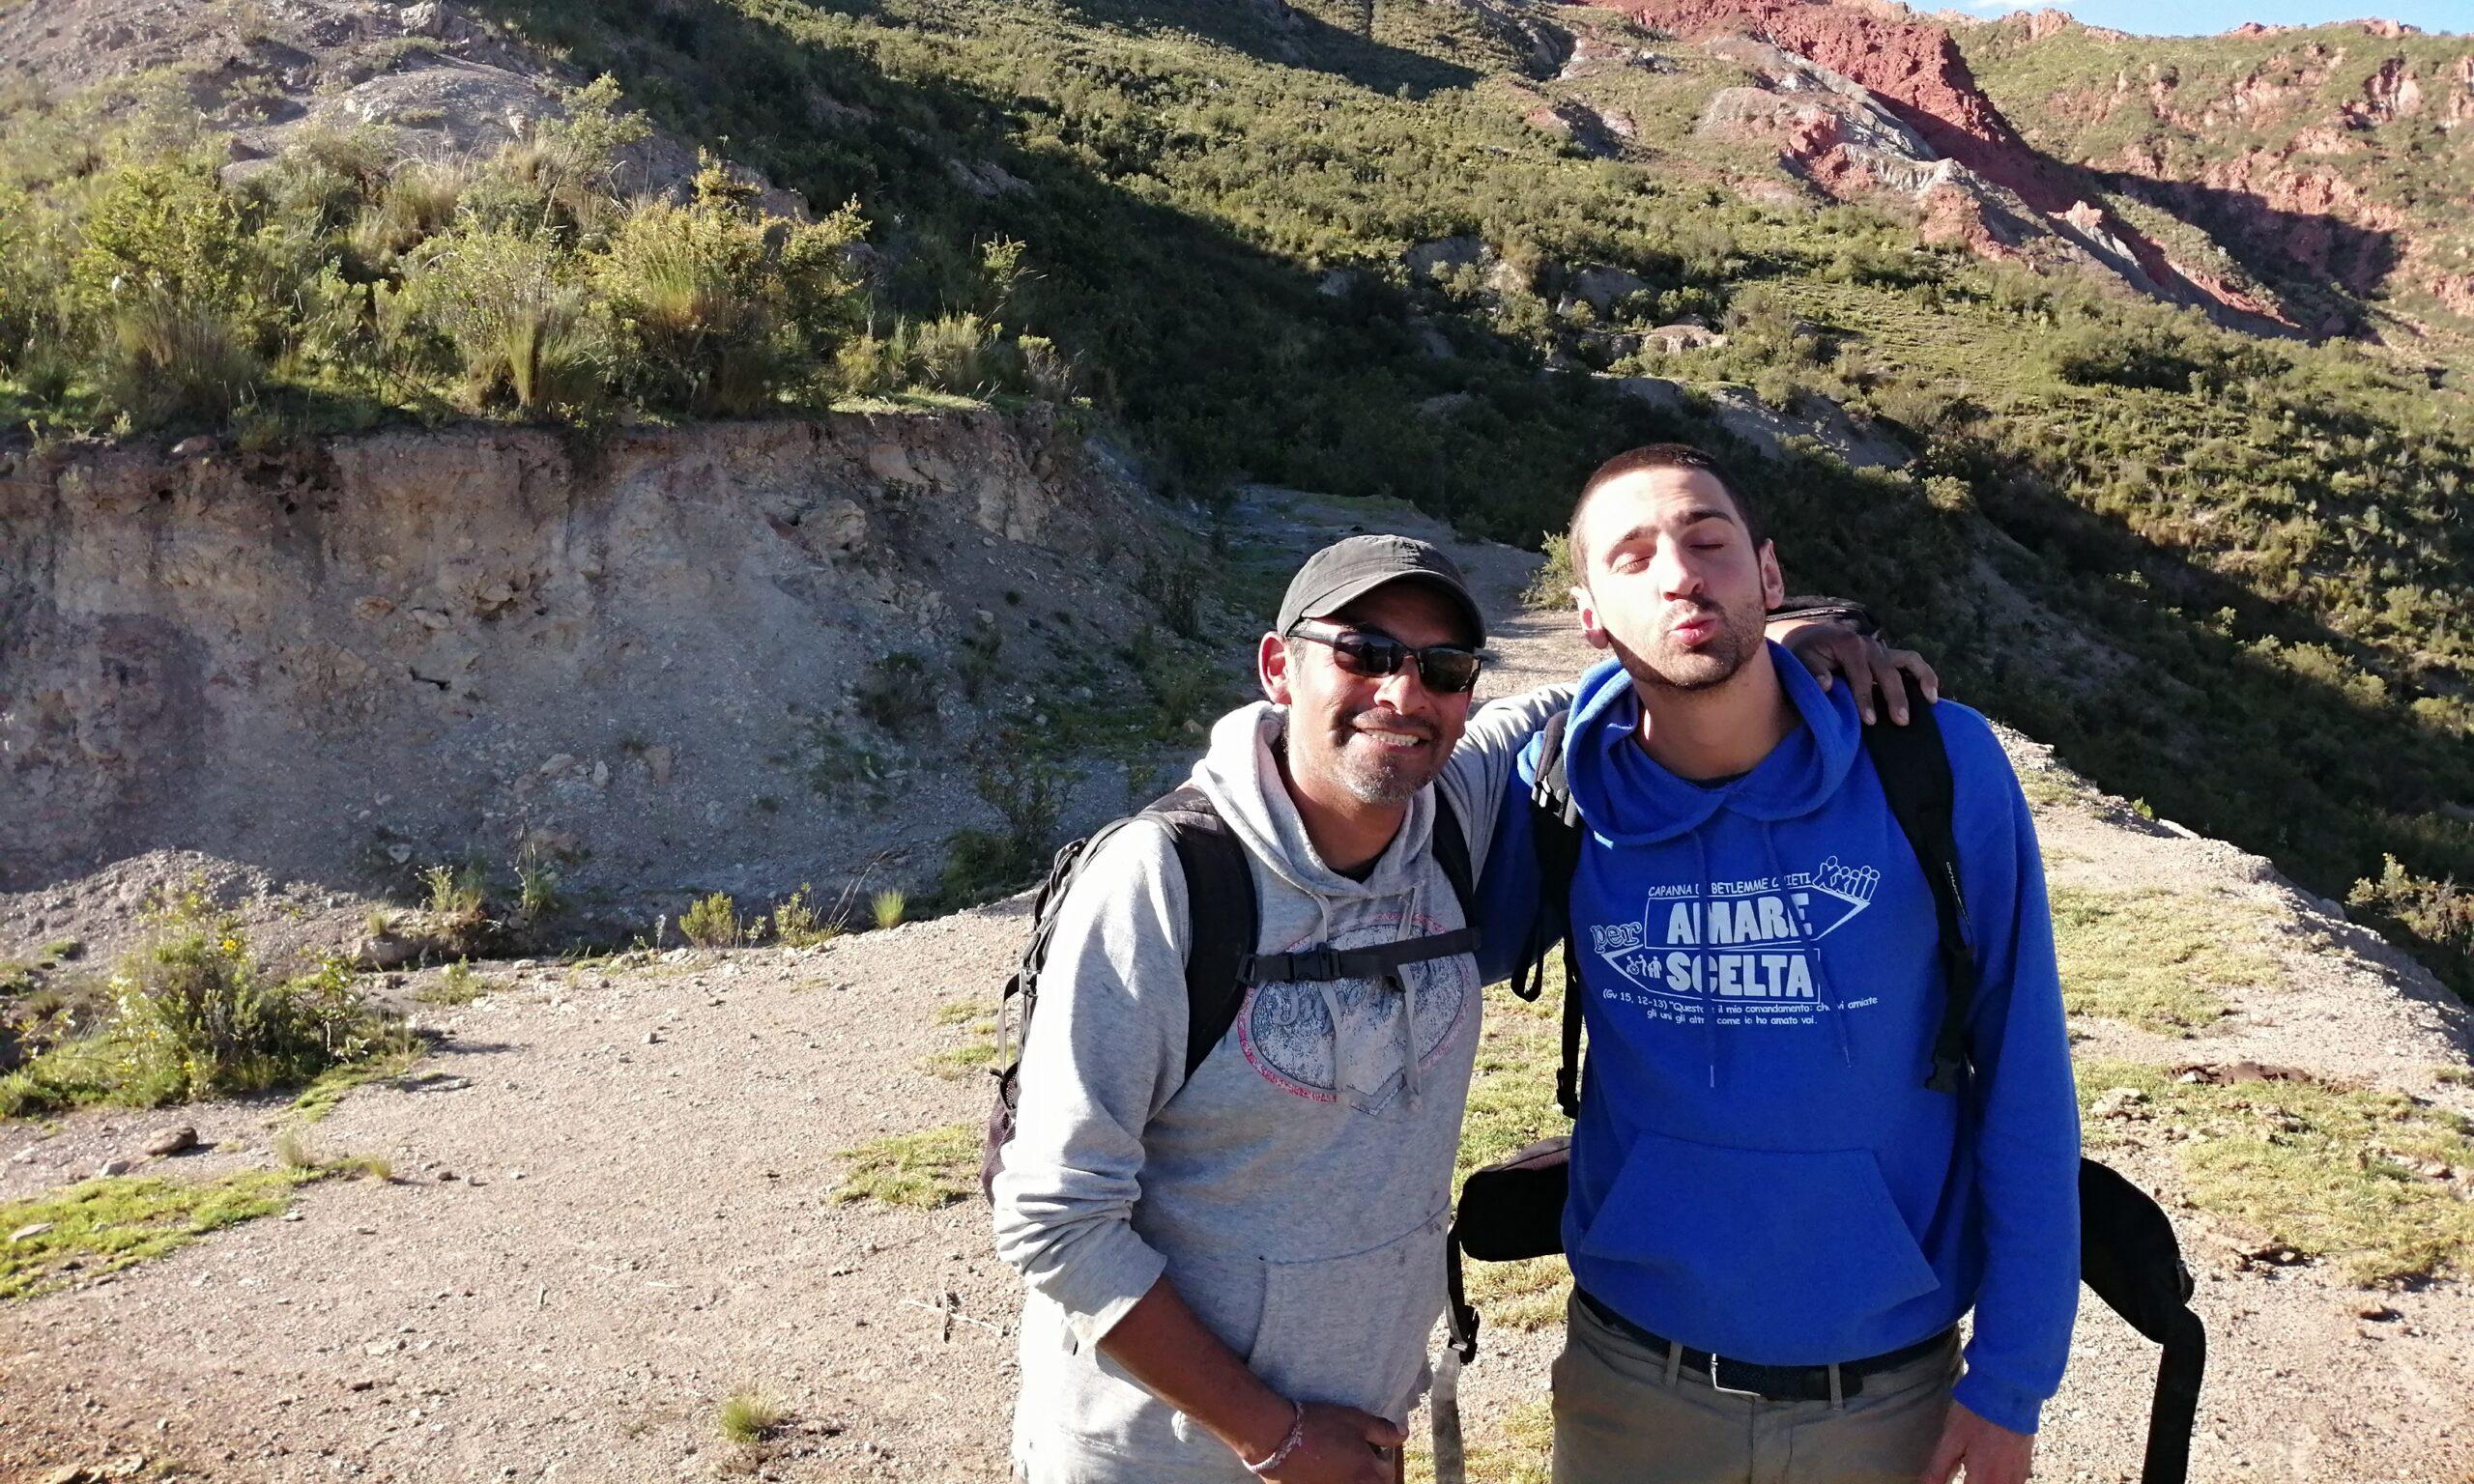 Juanco e Guglielmo in Bolivia